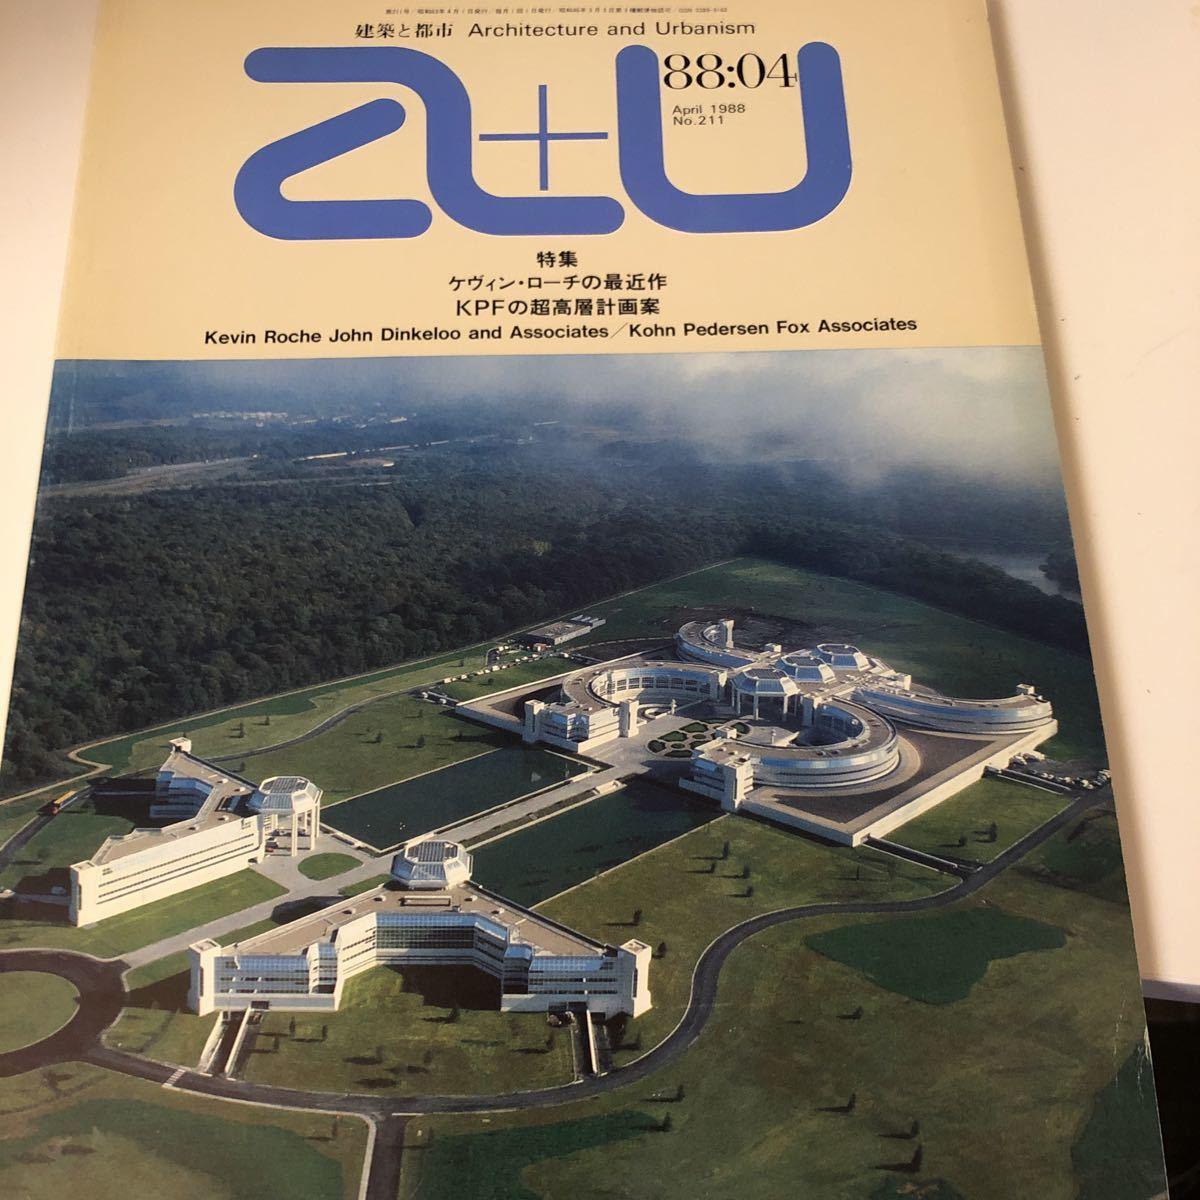 即決★62 a+u 建築と都市 88:04 No.211 1988年4月号 特集:ケヴィン・ローチ/KPFの超高層計画案 エー・アンド・ユー_画像1